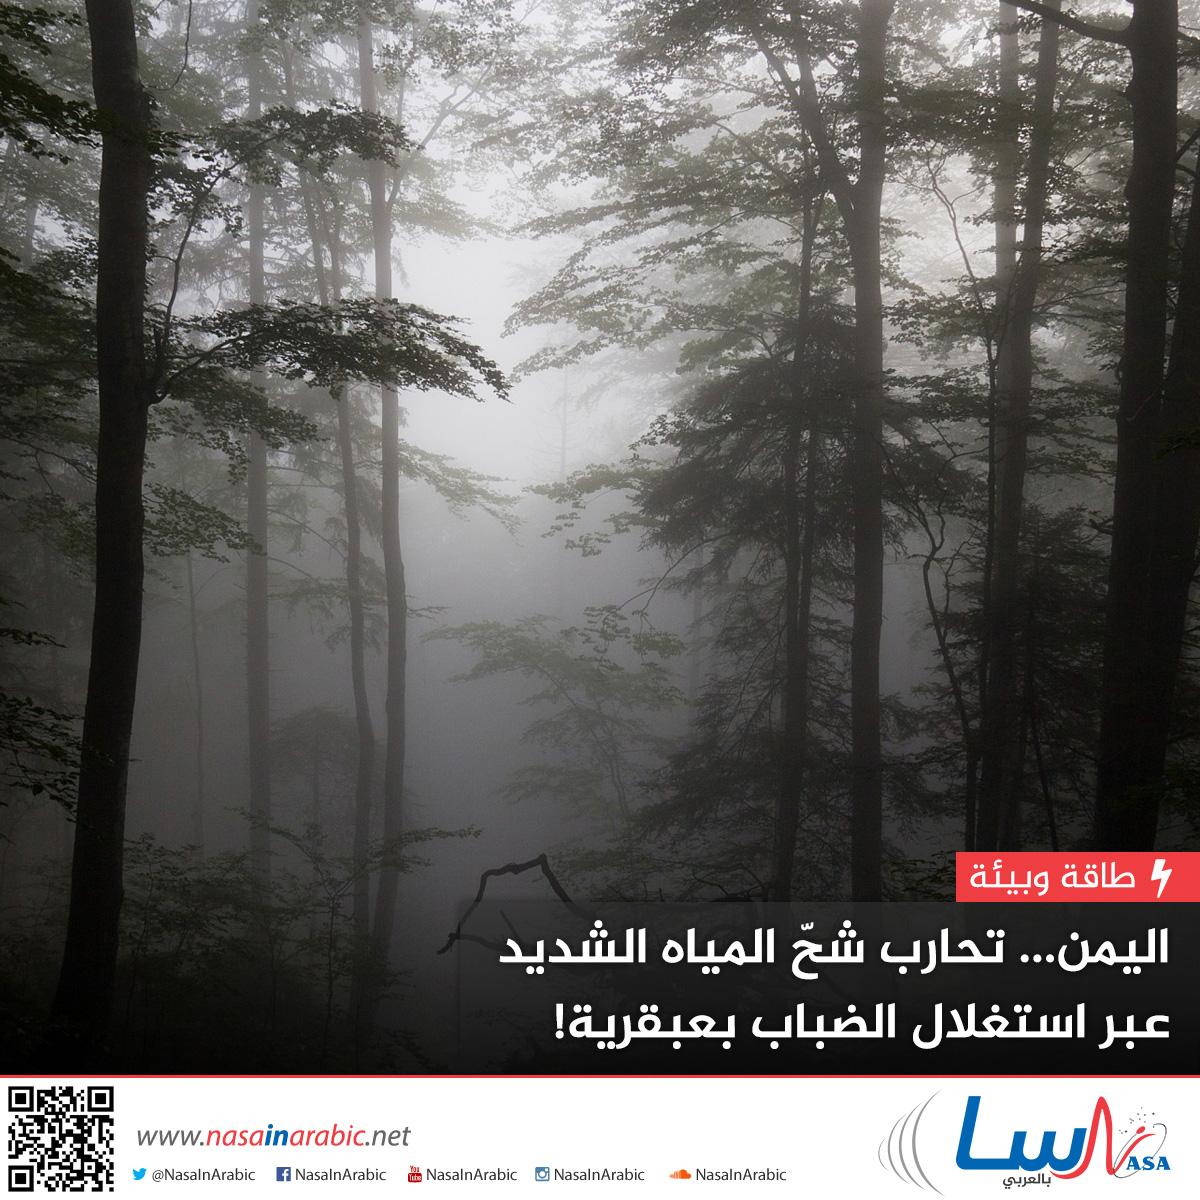 اليمن تحارب شحّ المياه الشديد عبر استغلال الضباب بعبقرية!